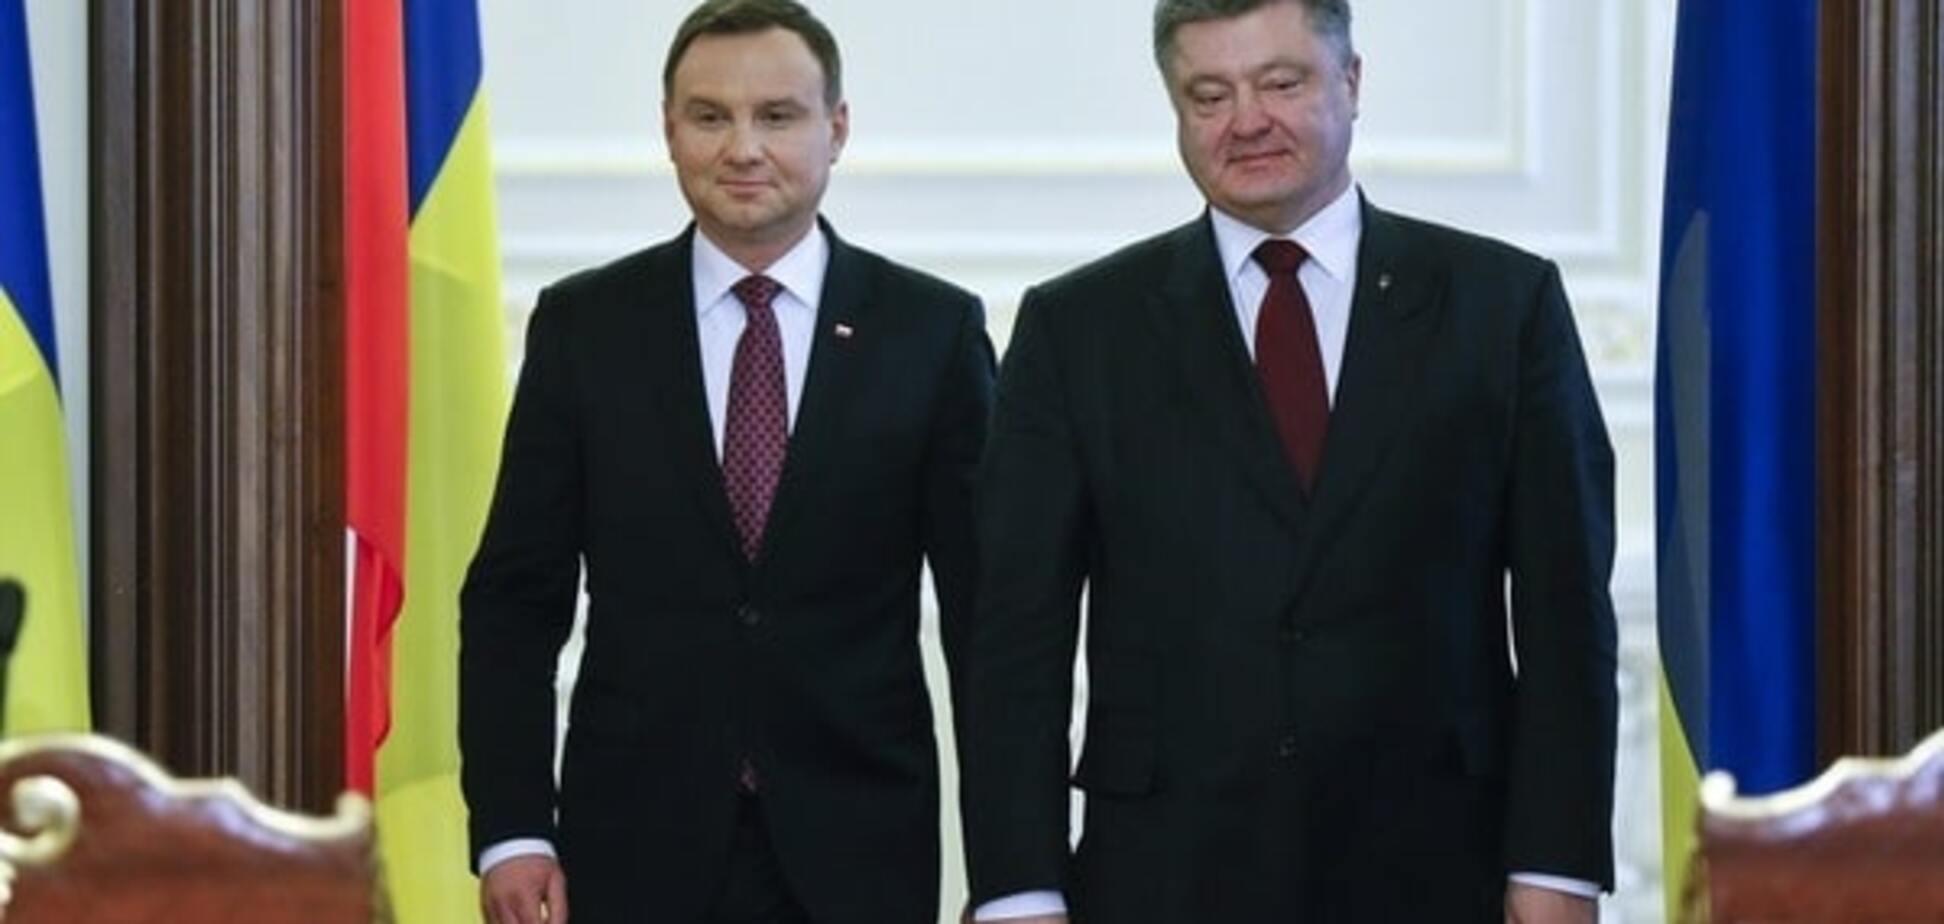 Вспомнить все: Порошенко и Дуда сделают историческое заявление о прошлом Украины и Польши